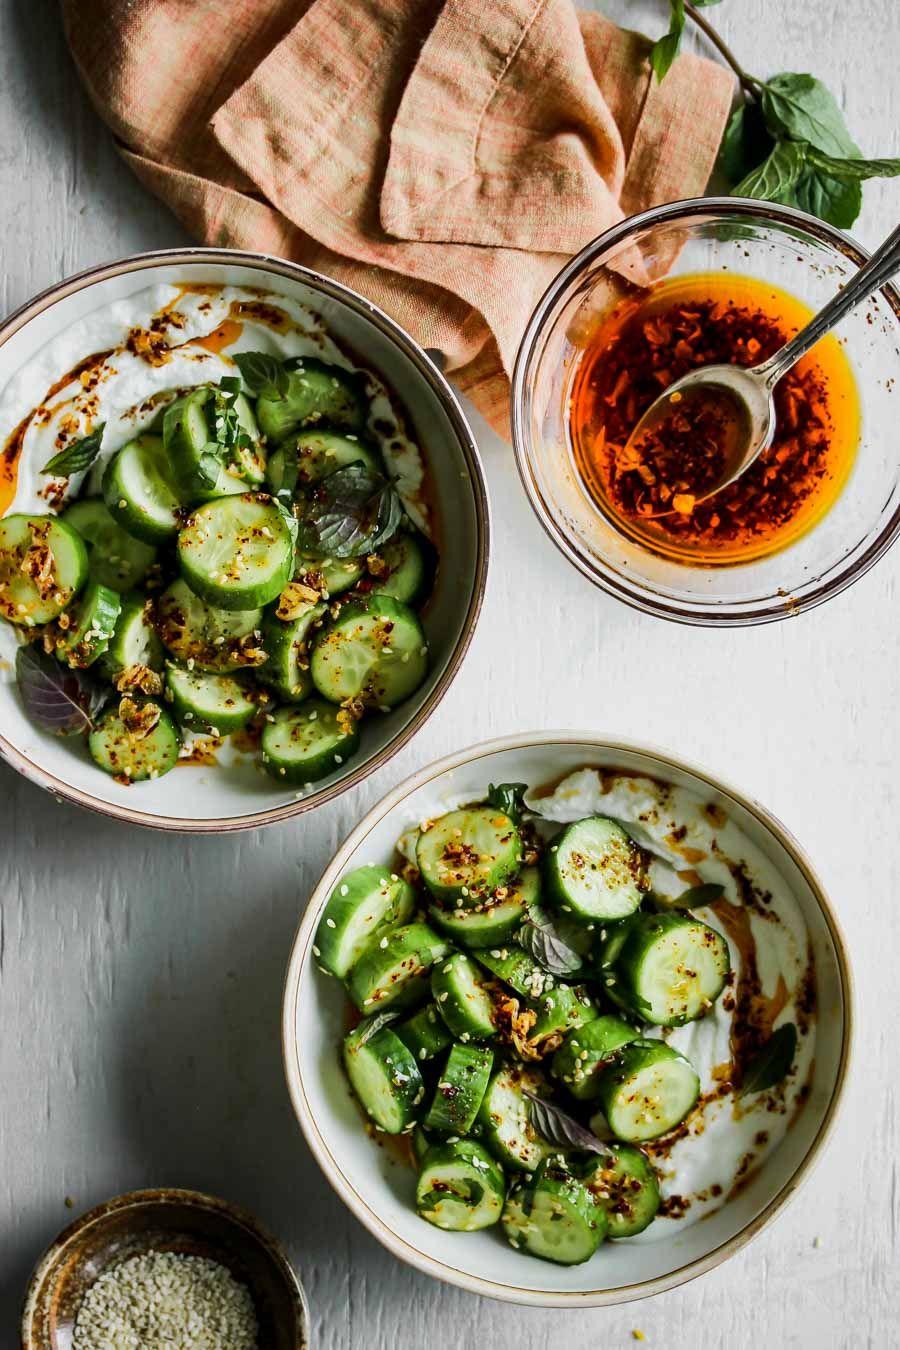 Waldorf ev yemek salatası pişirme